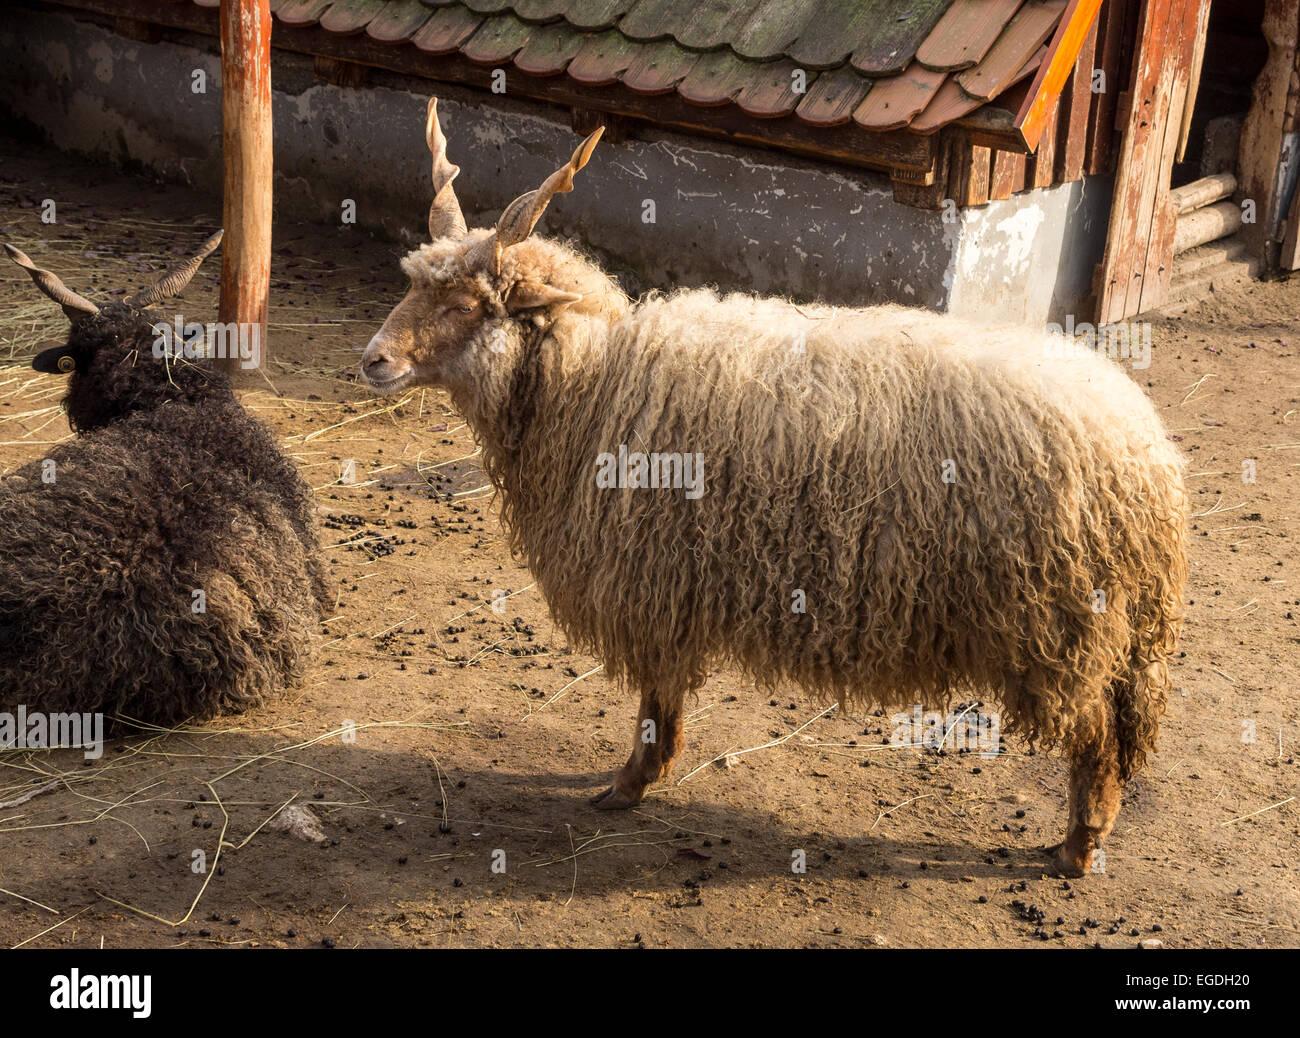 Racka Sheep Hungary - Stock Image